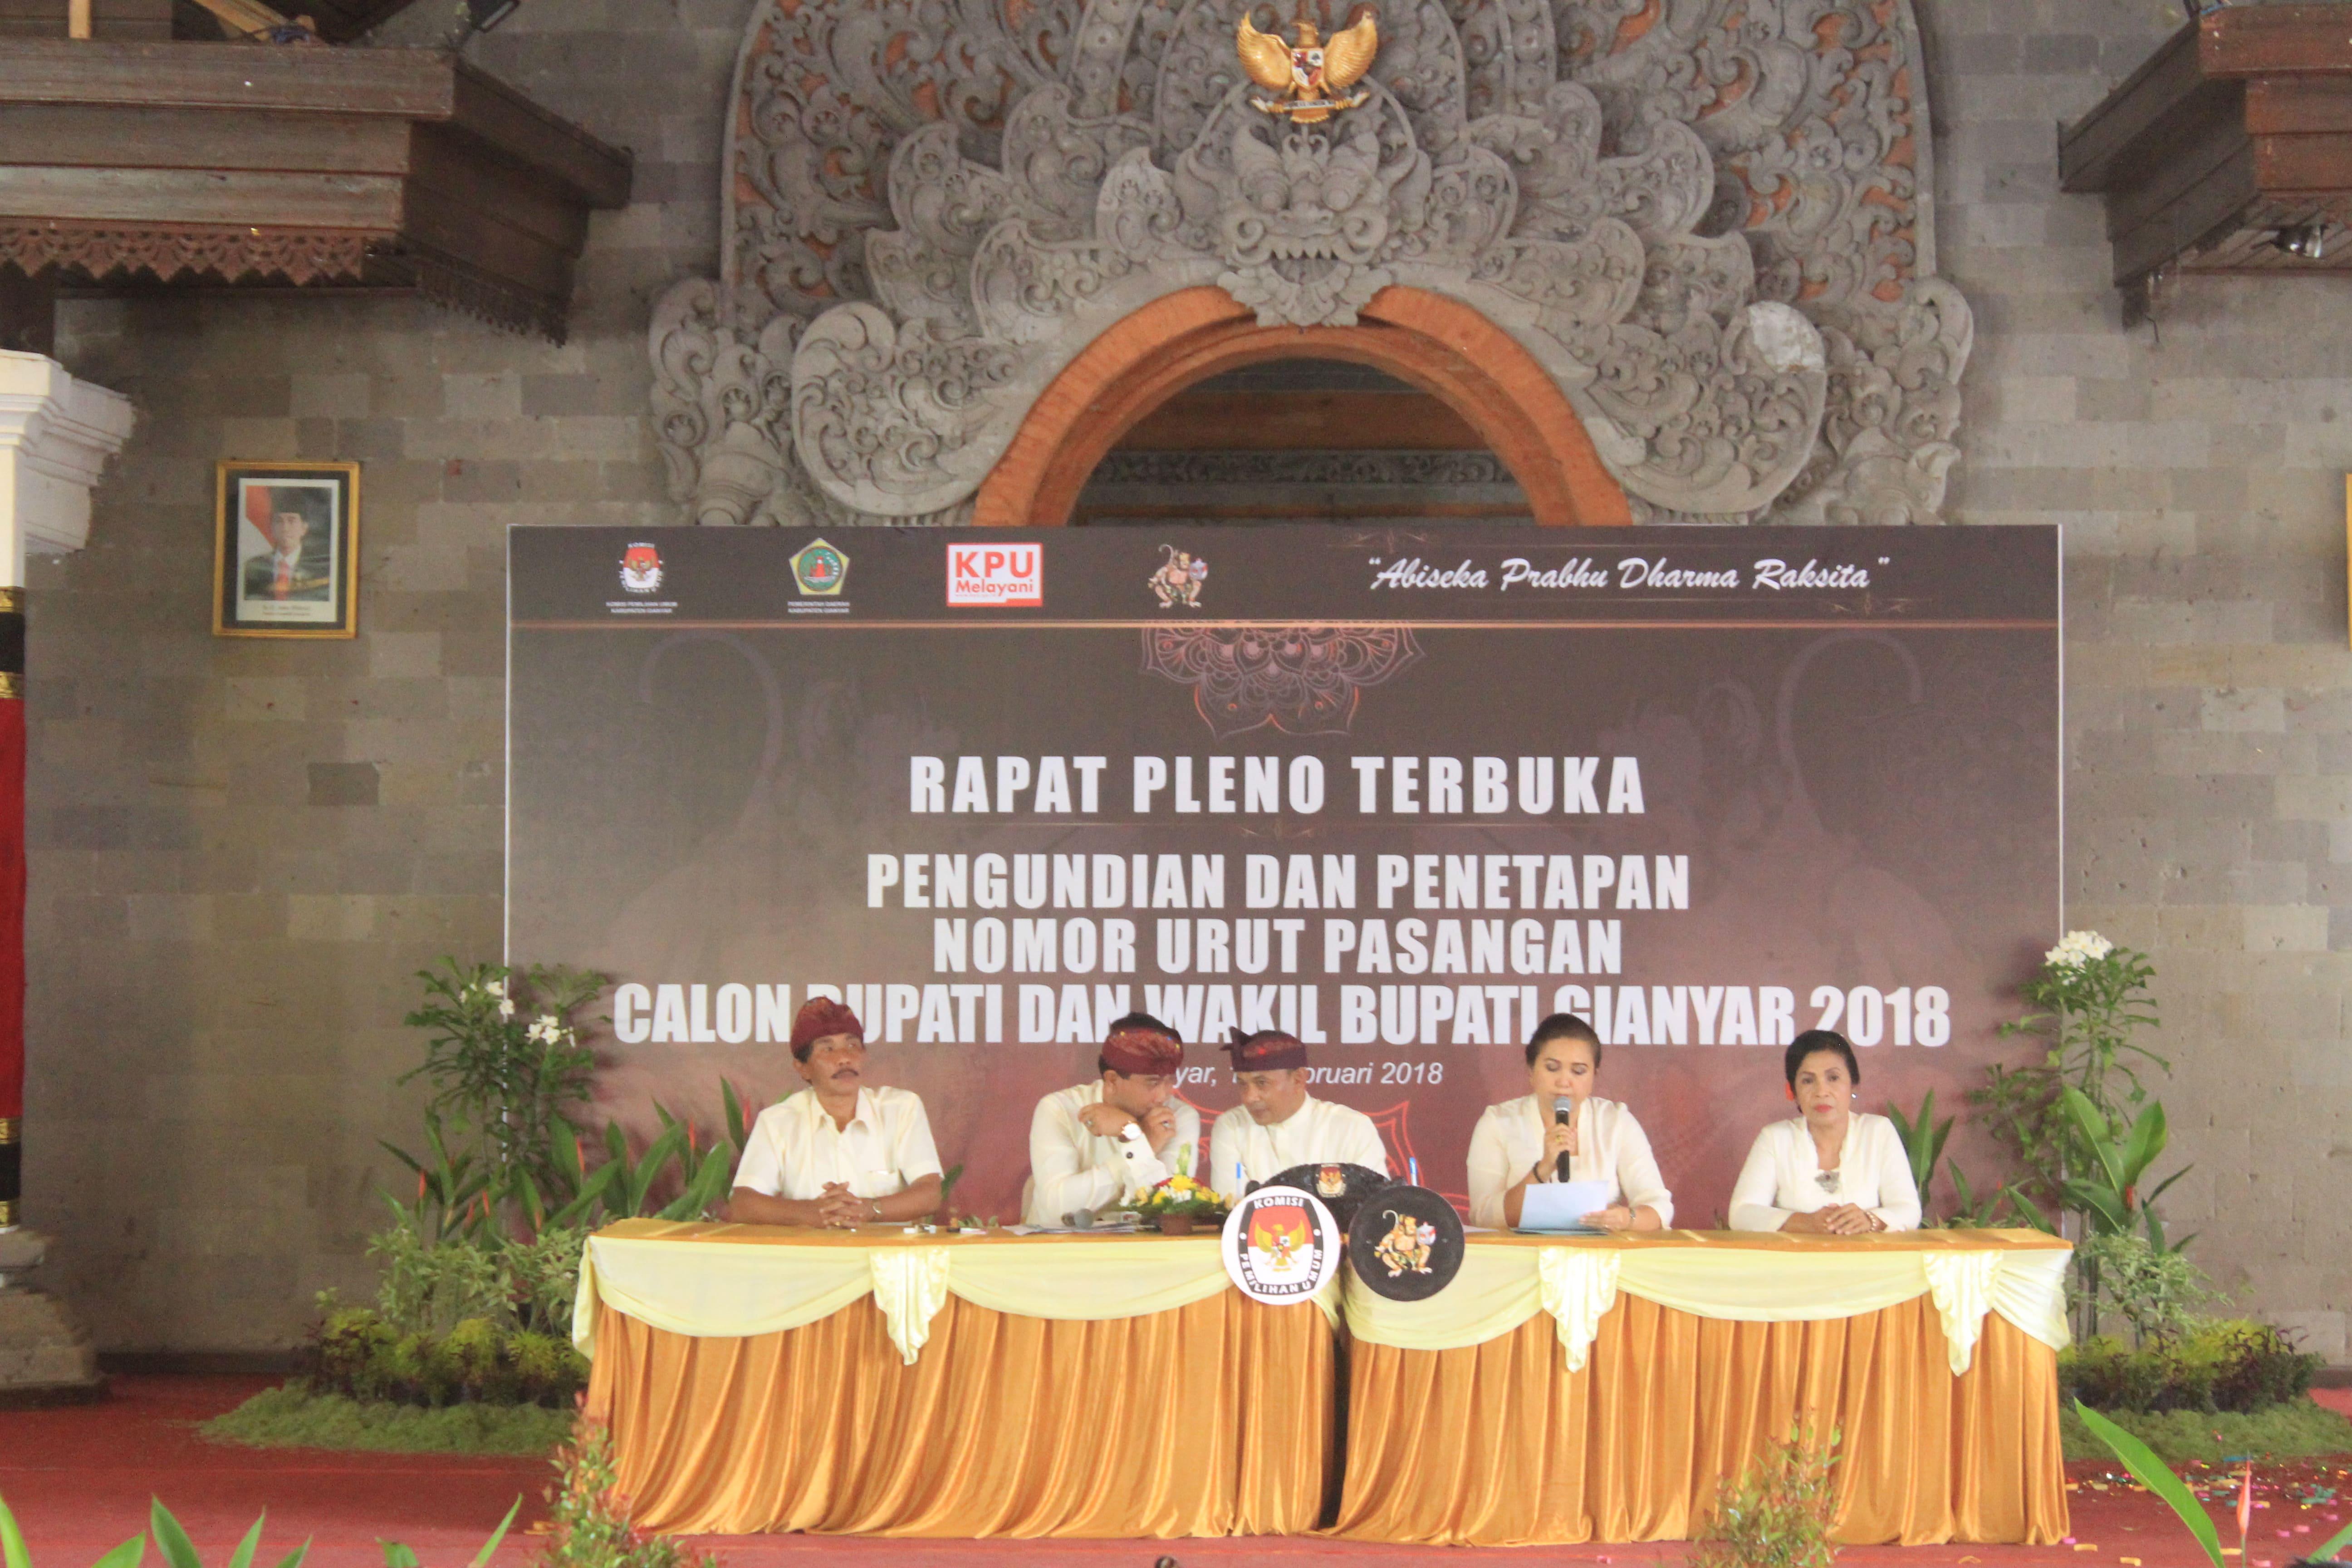 Pengundian dan Penetapan Nomor Urut Pemilihan Bupati dan wakil Bupati Gianyar 2018